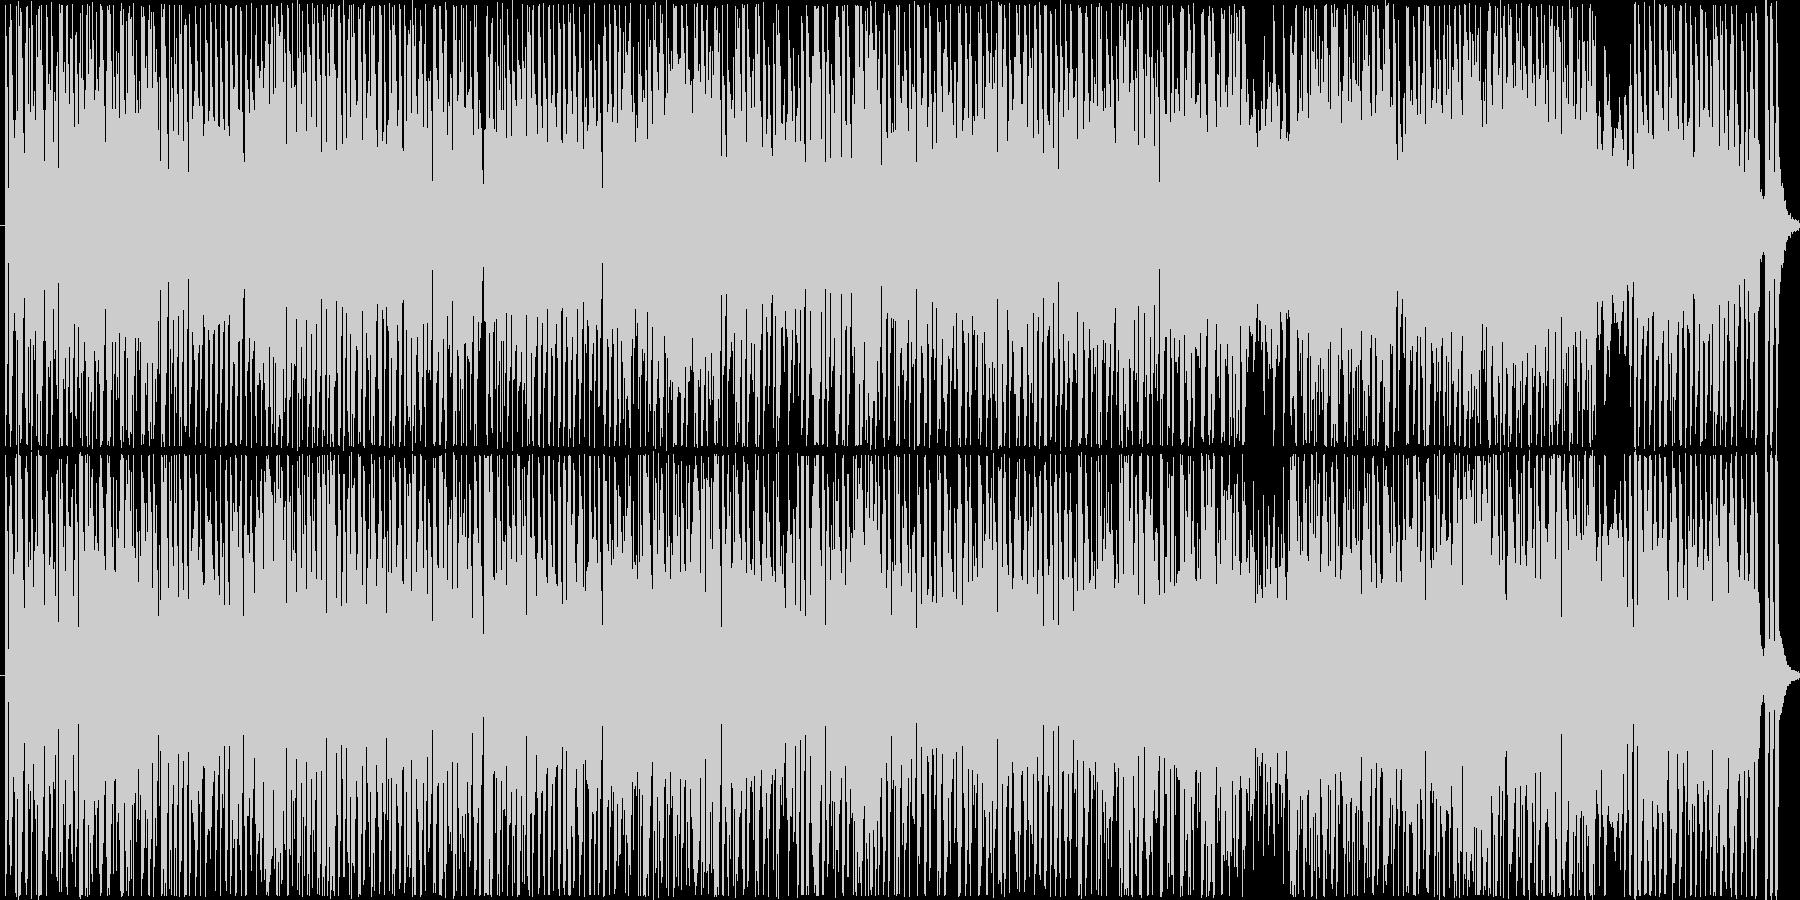 タランテラヒップホップ。伝統と現代。の未再生の波形